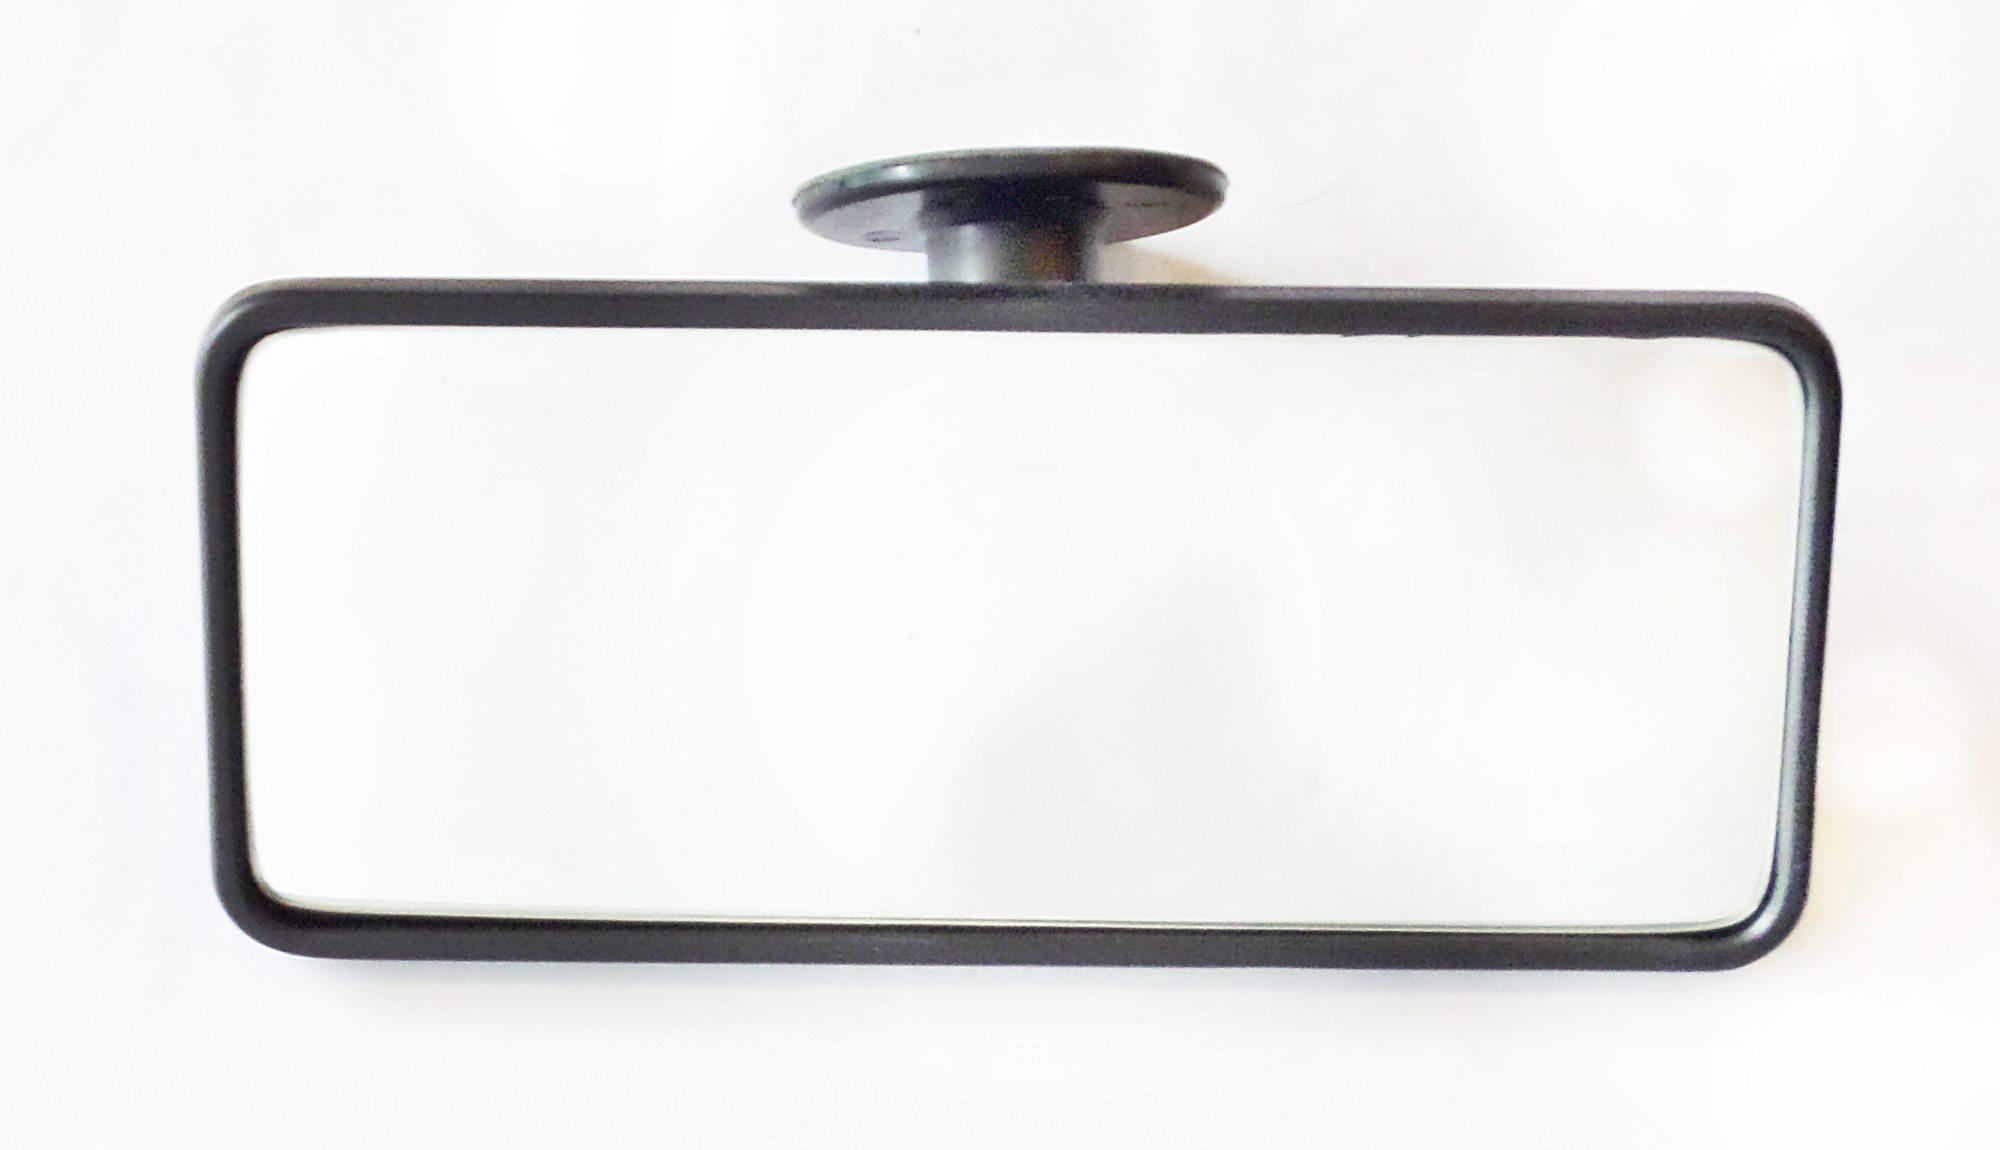 зеркало внутренние заднего вида универсальные 15x7 см